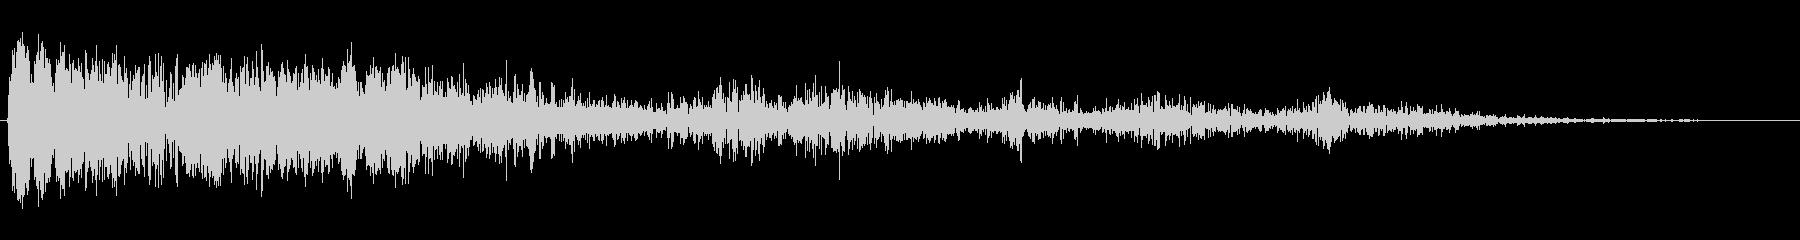 大規模なサンダークリップ;ヴィンテ...の未再生の波形